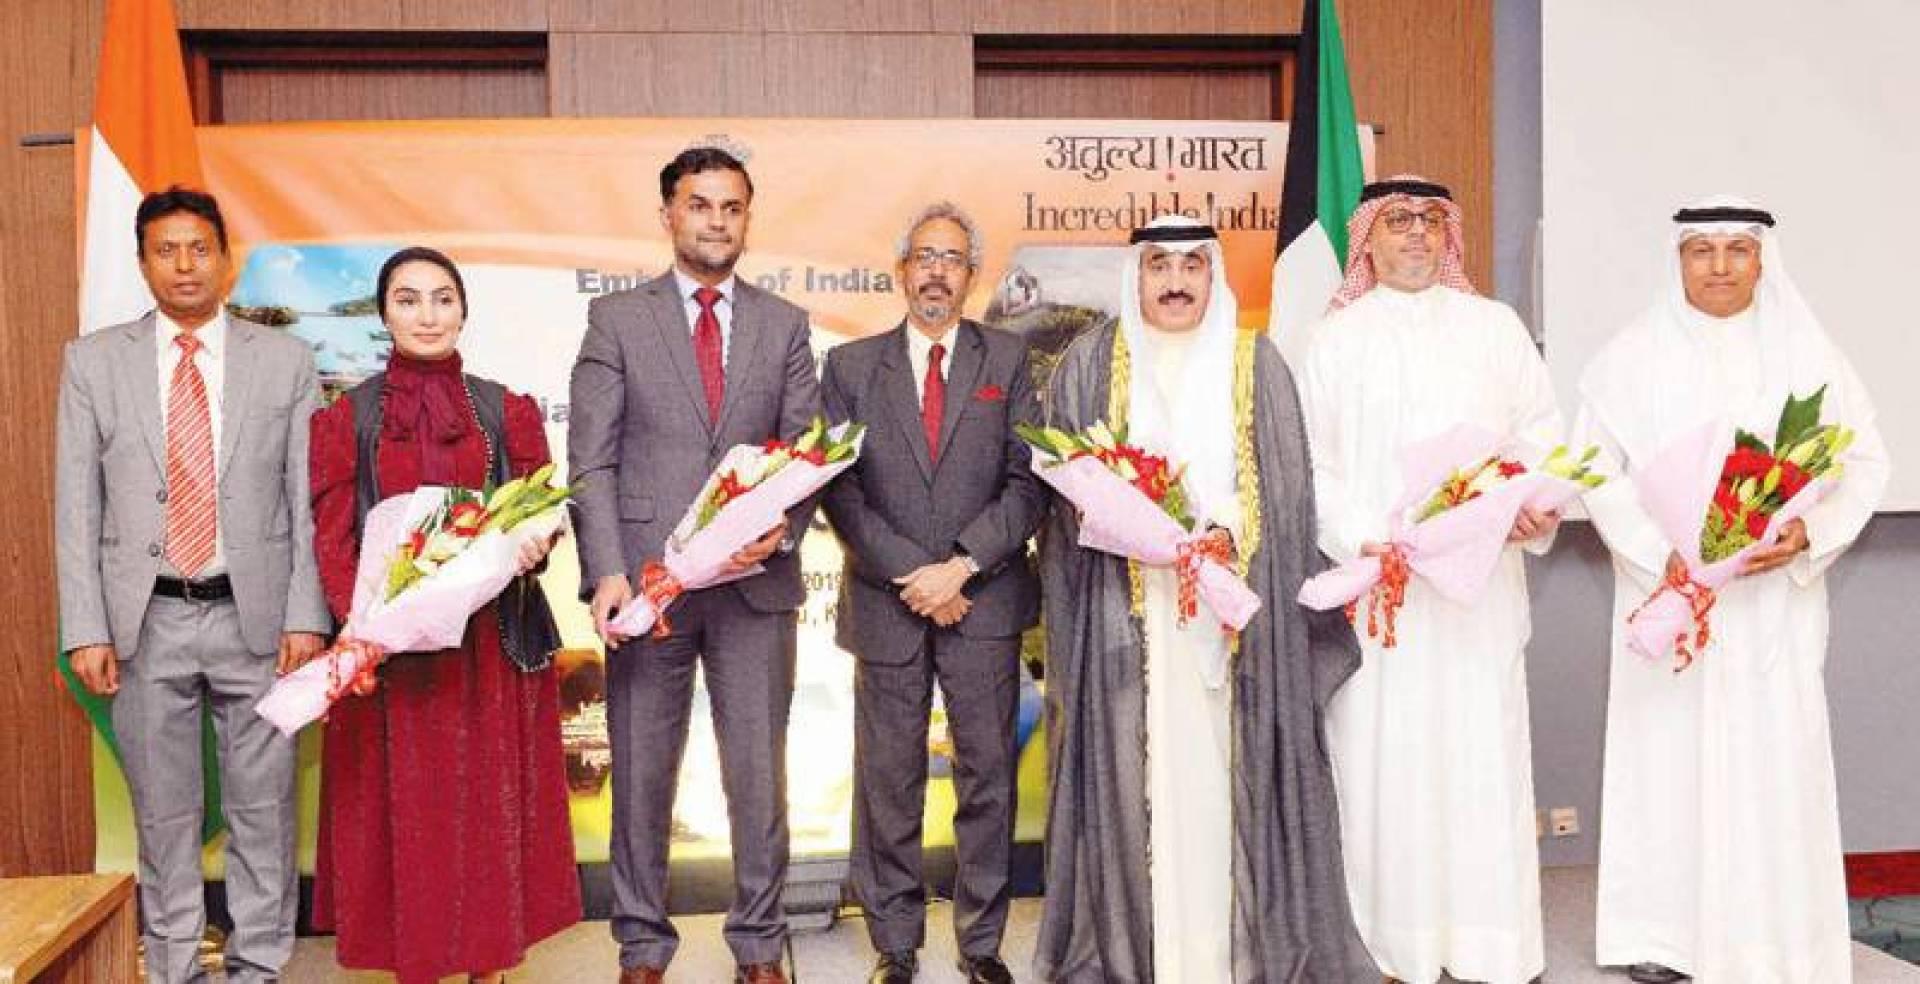 يوسف مصطفى والسفير الهندي لدى الكويت